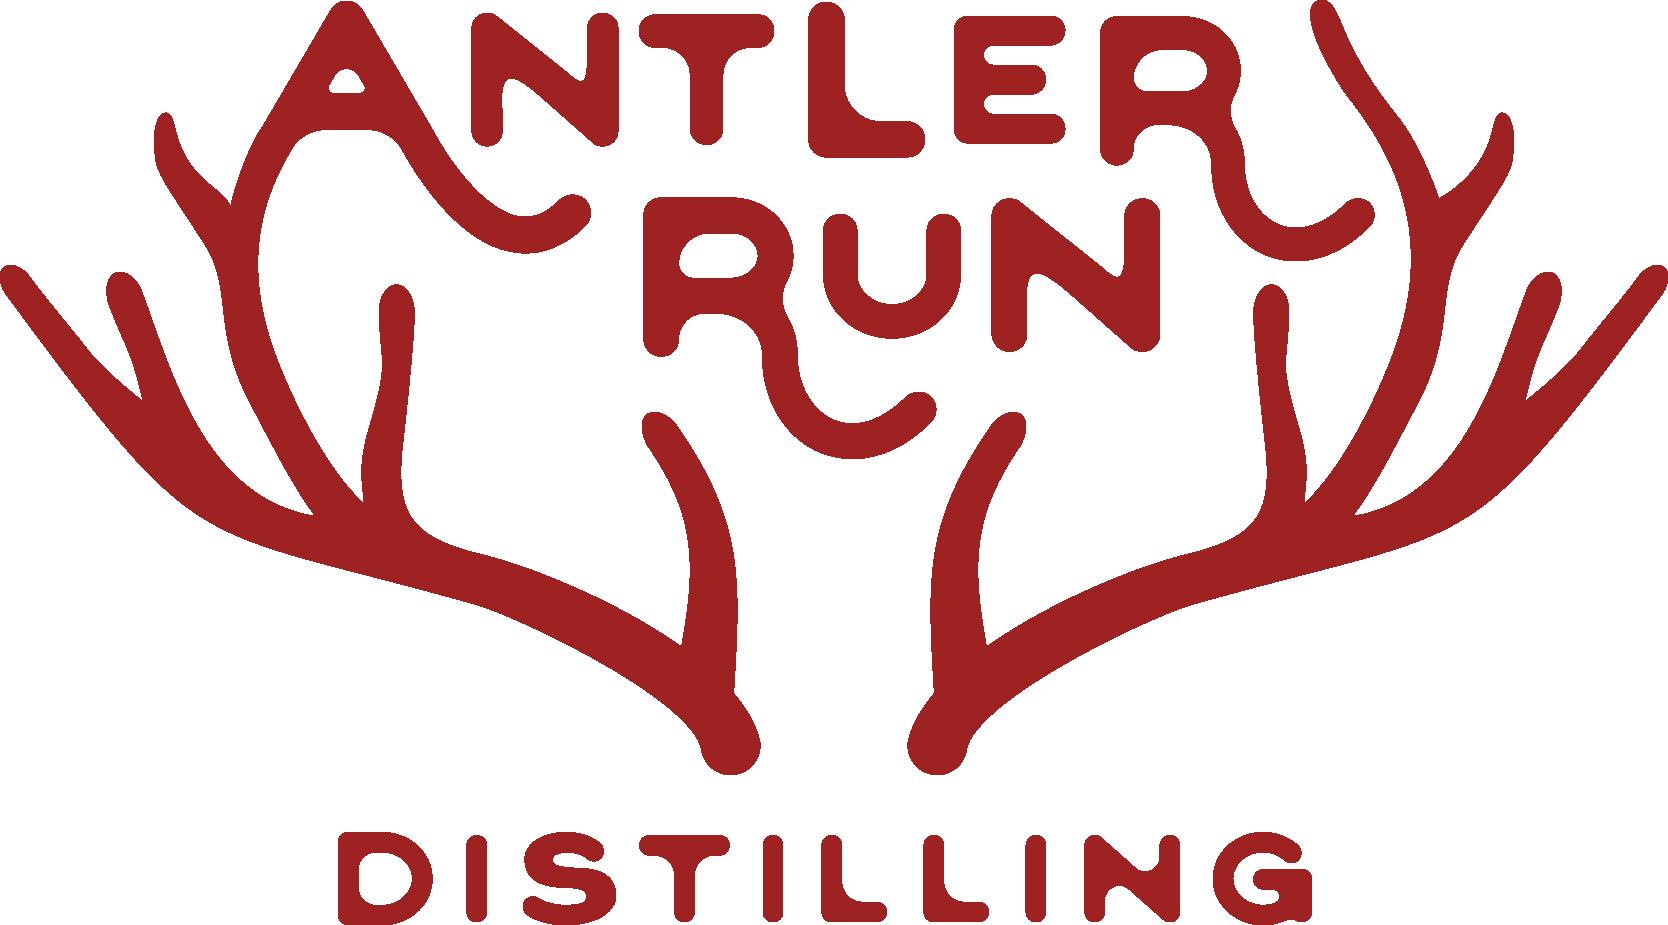 Anter Run Website Logo.png